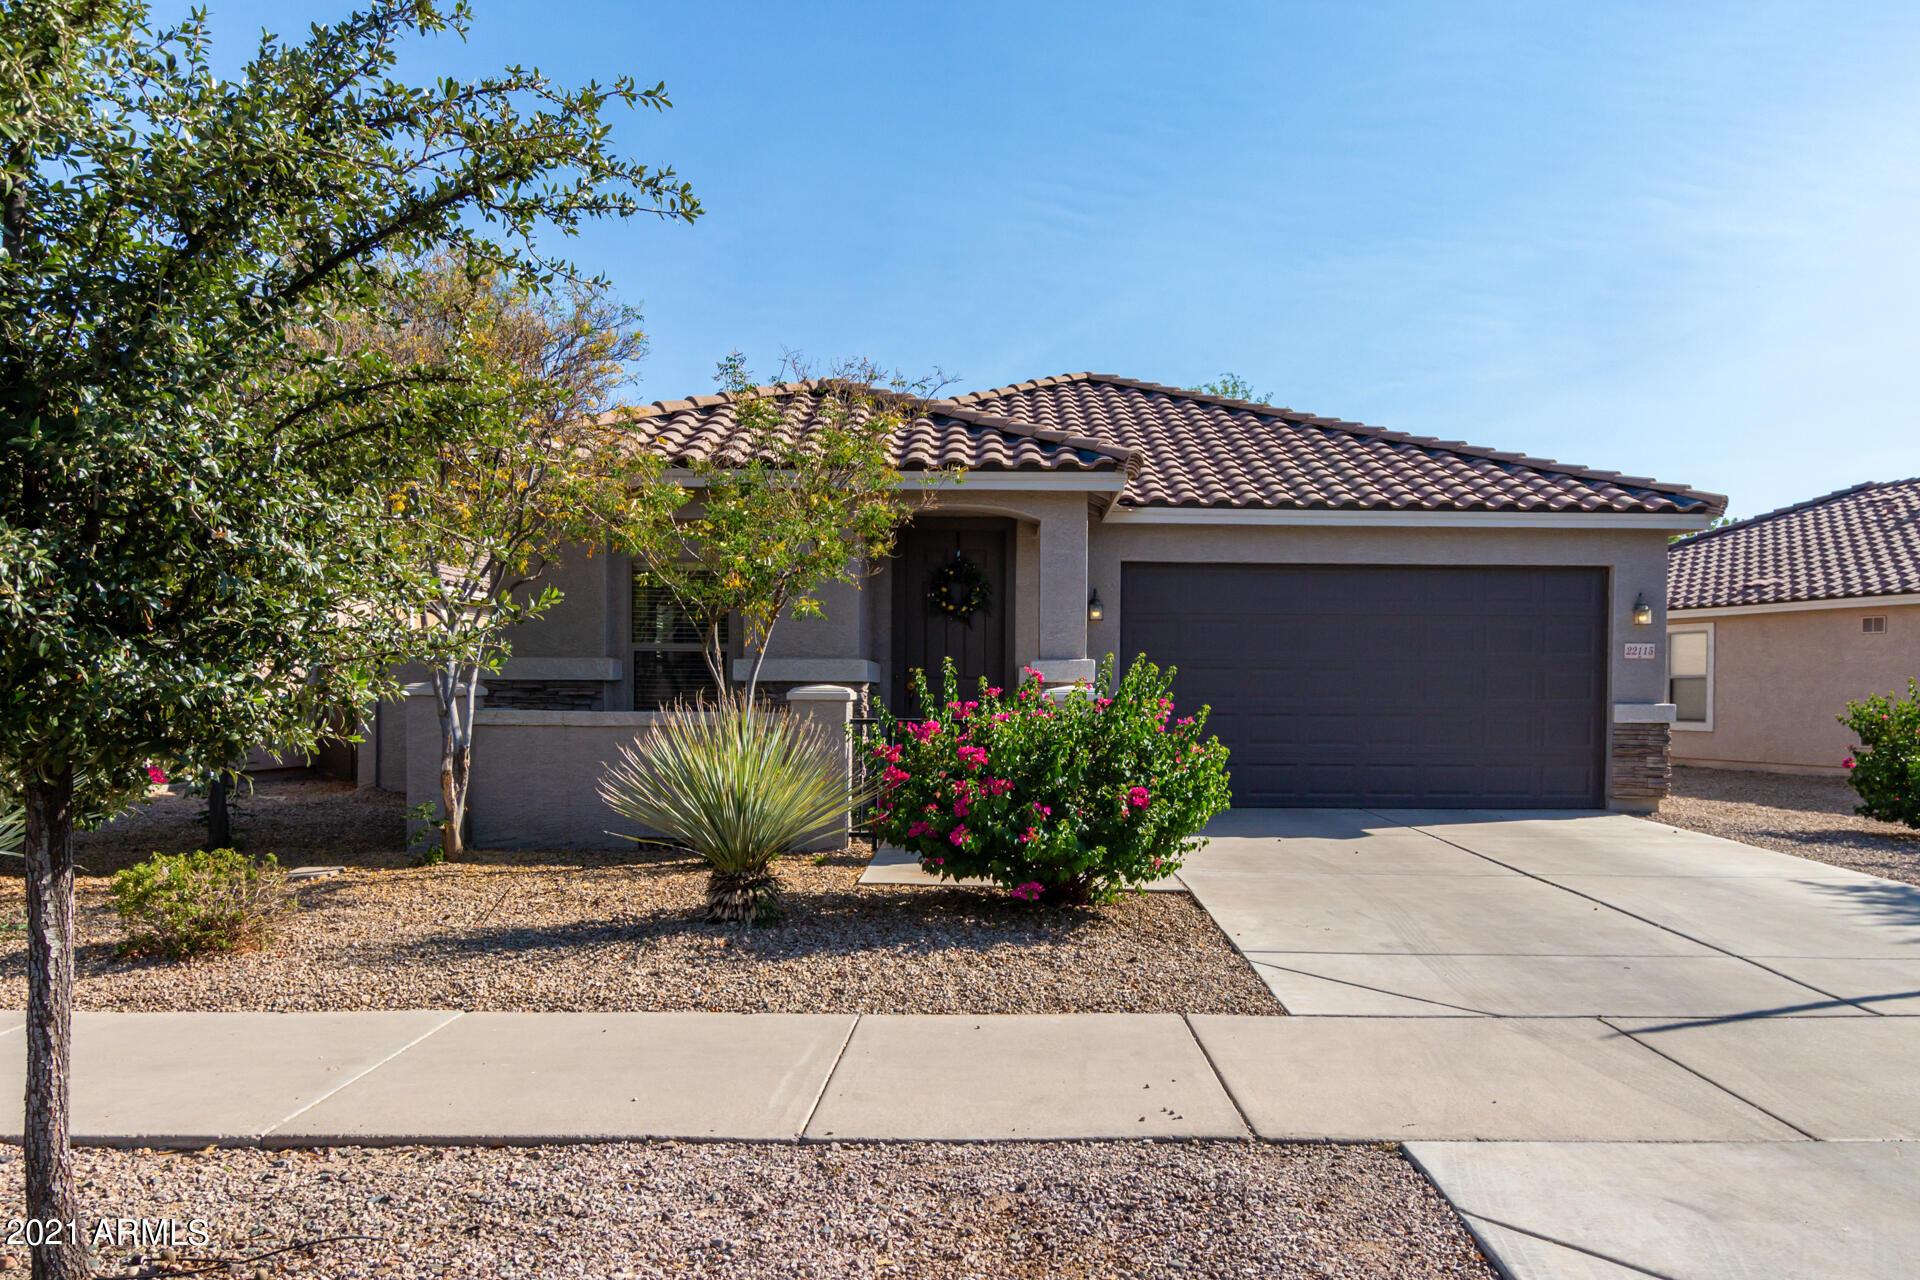 22115 VIA DEL PALO Drive, Queen Creek, Arizona 85142, 3 Bedrooms Bedrooms, ,2 BathroomsBathrooms,Residential,For Sale,VIA DEL PALO,6255114